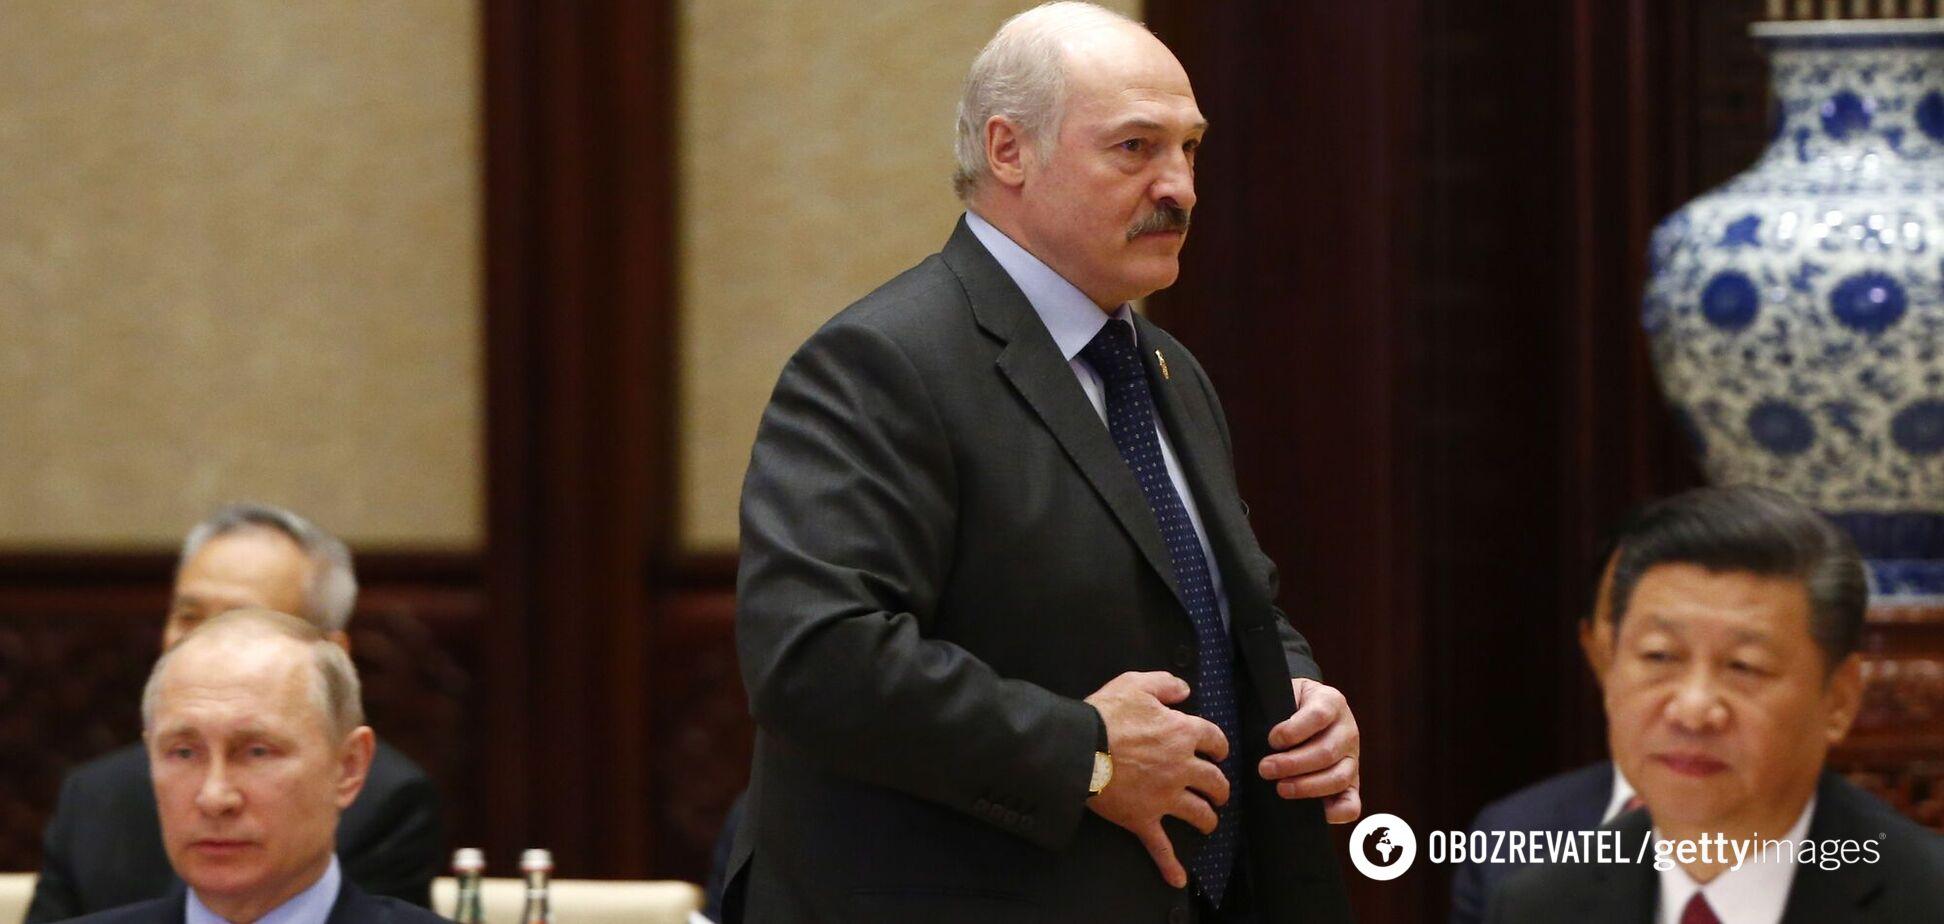 Тодішній президент Білорусі Олександр Лукашенко на саміті в рамках форуму 'Один пояс, один шлях' 15 травня 2017 року Пекіні, Китай.